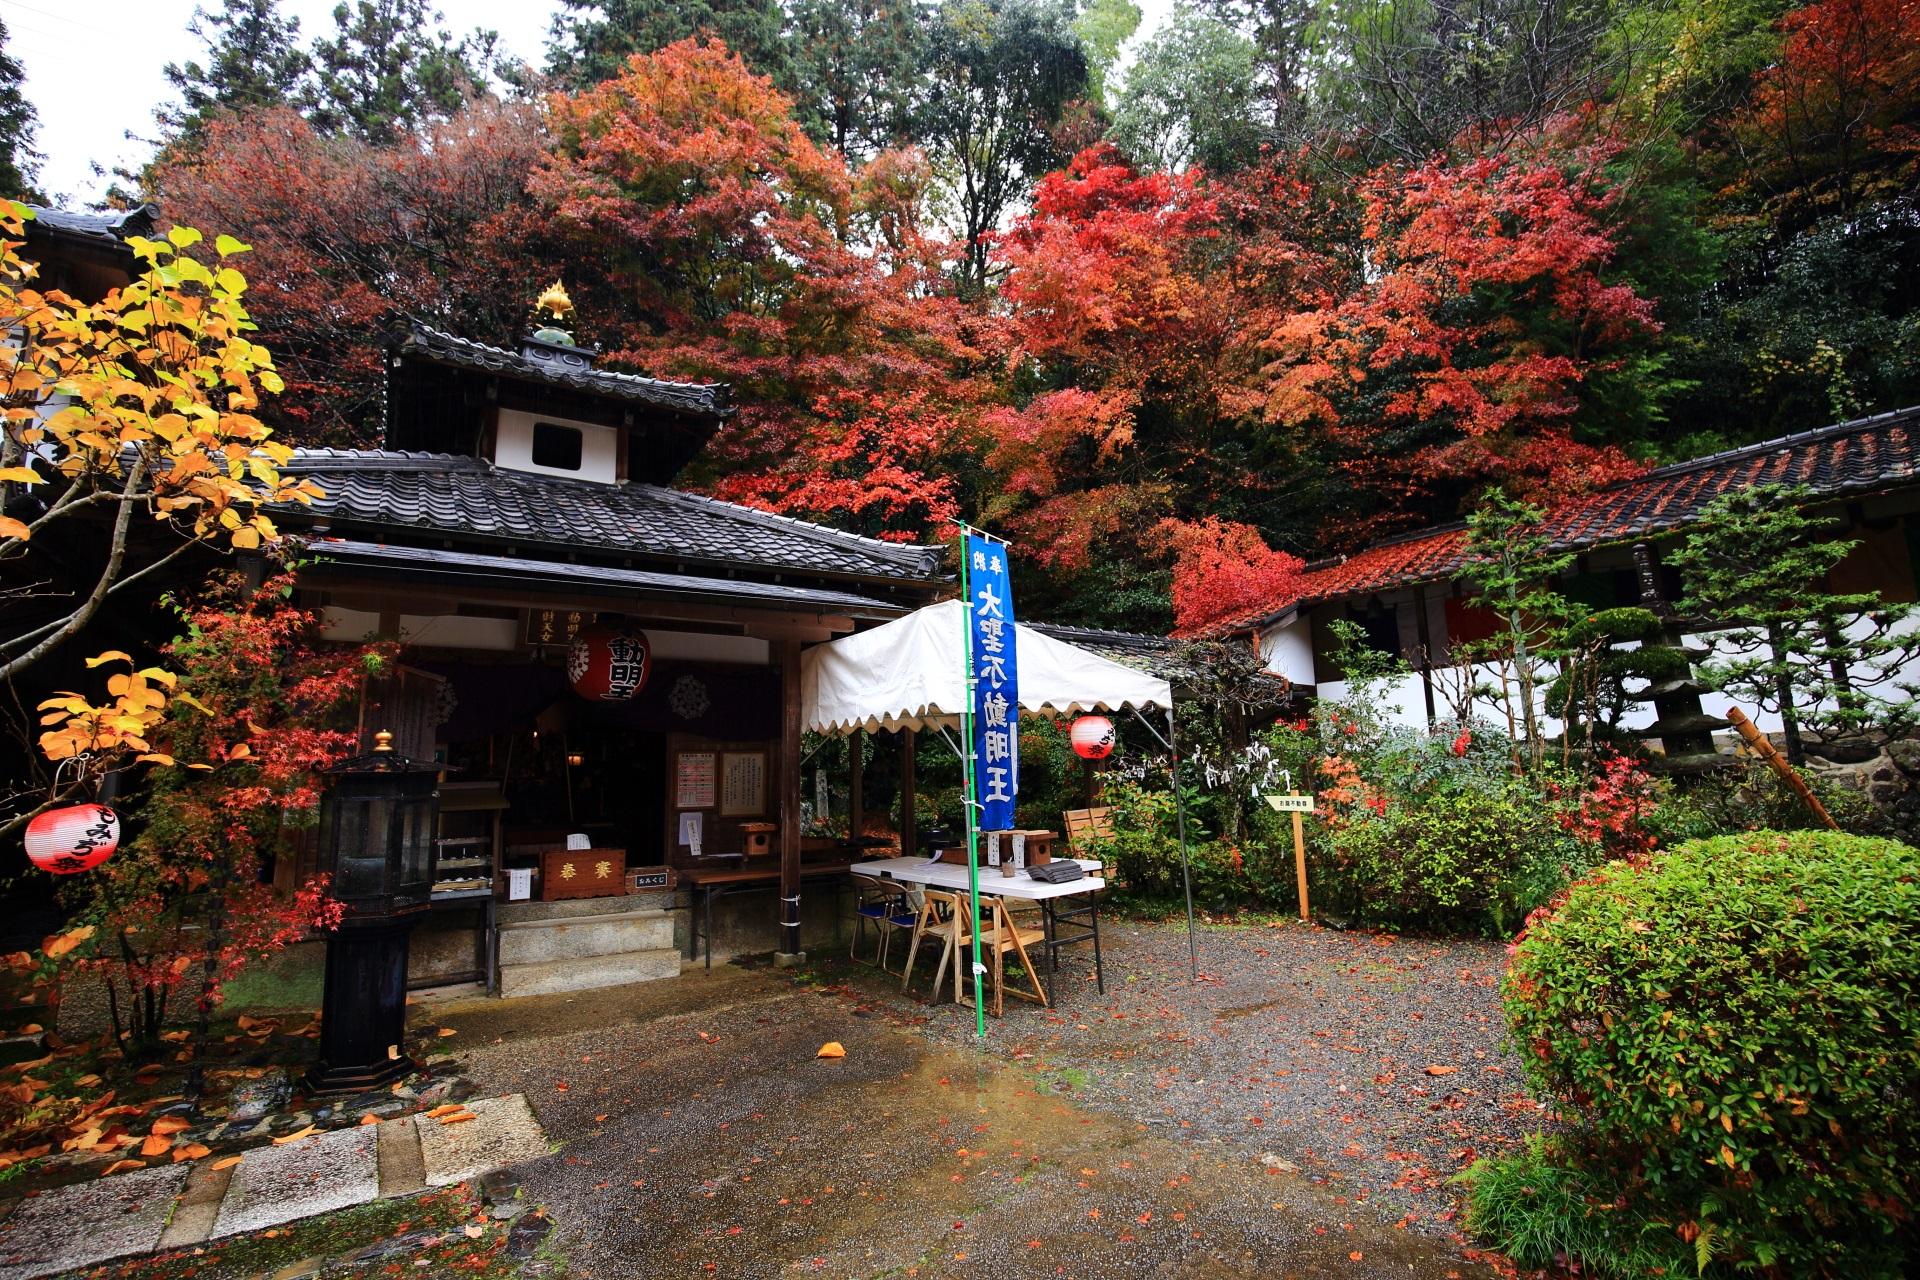 双林院 紅葉 毘沙門堂のそばに佇む秋の山科聖天